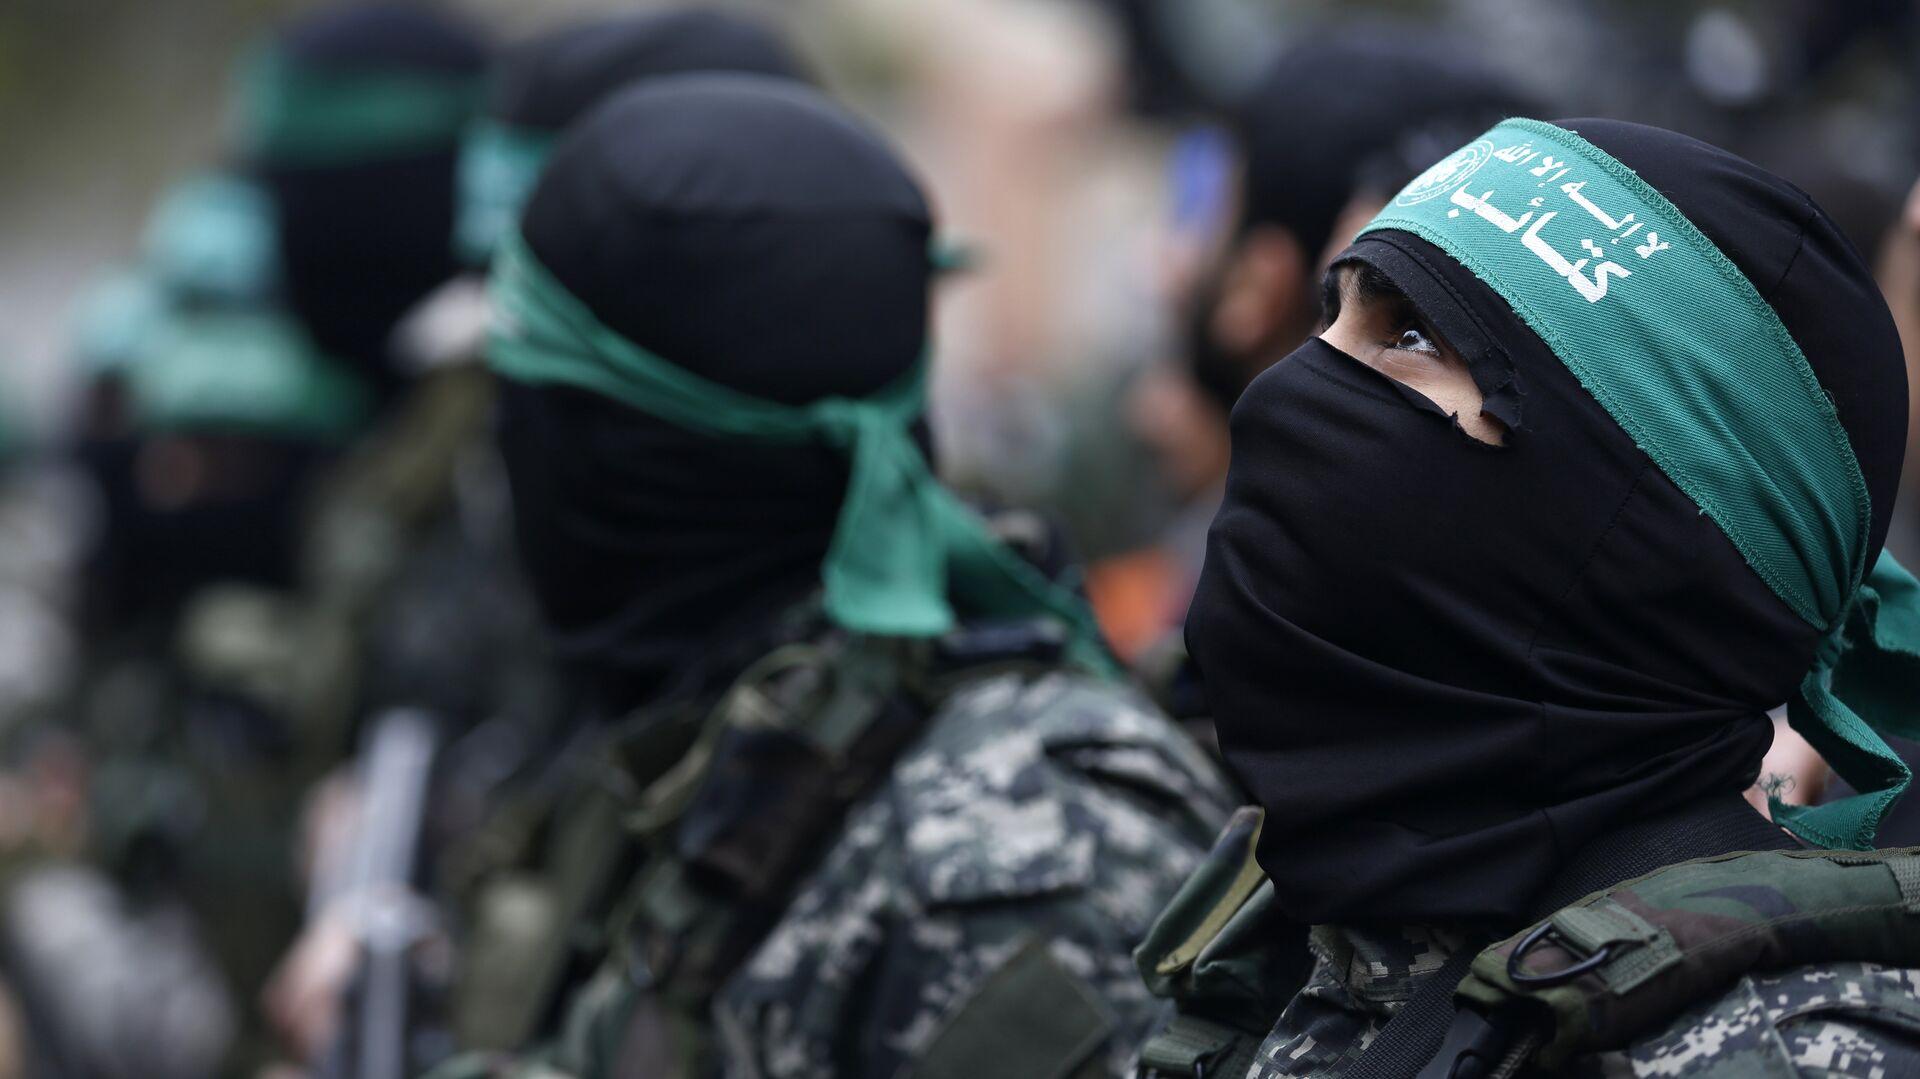 Militantes del movimiento Hamás - Sputnik Mundo, 1920, 25.05.2021